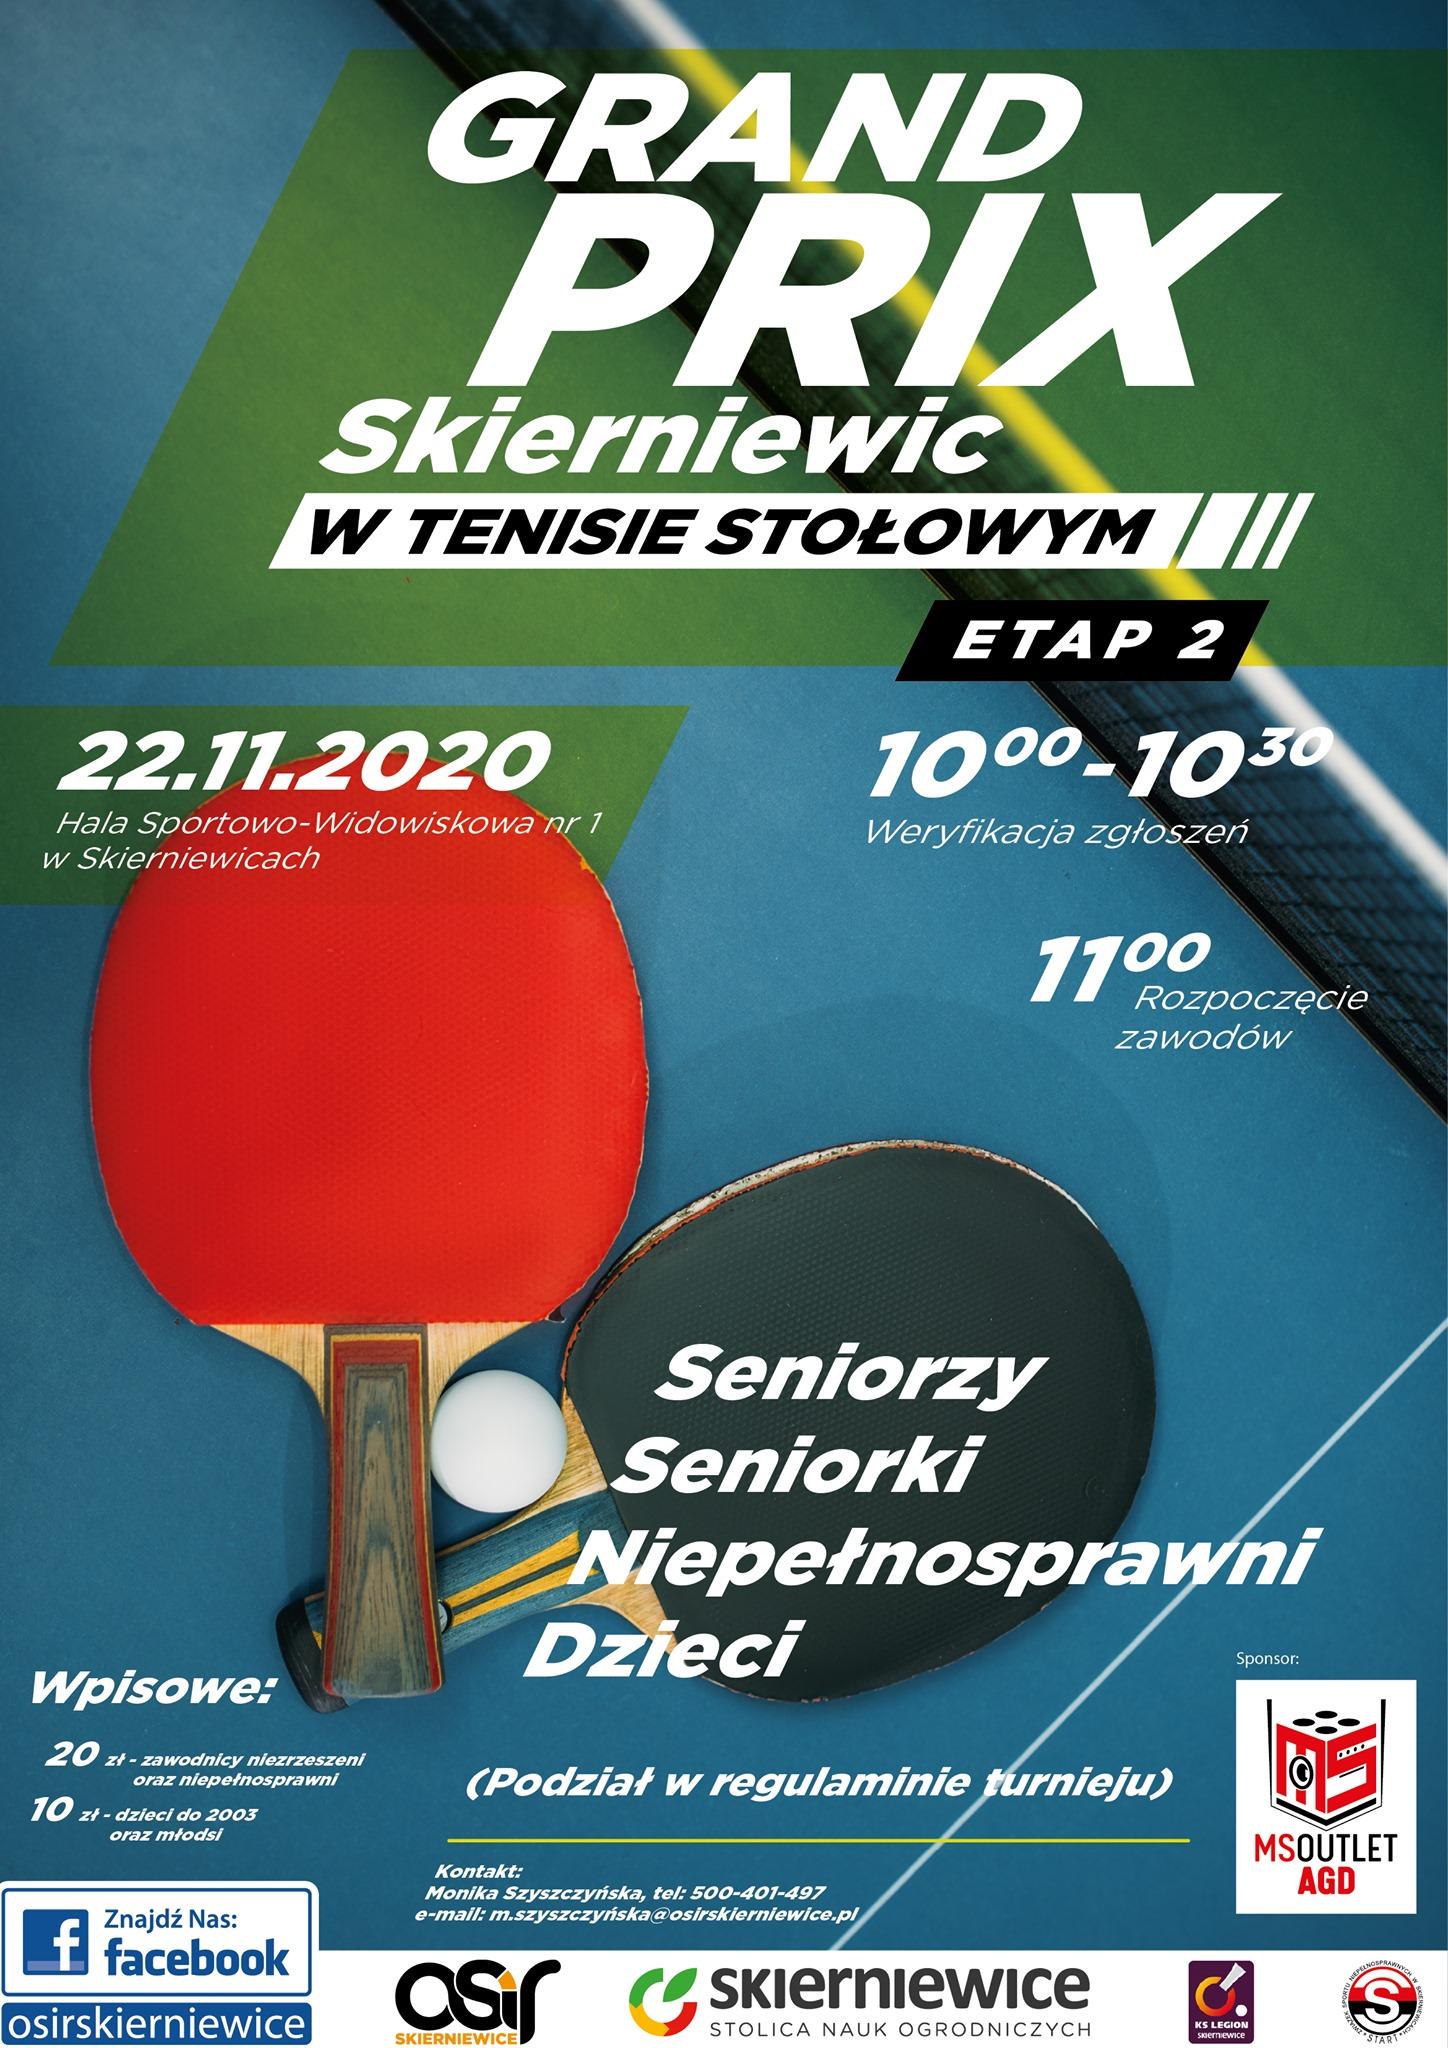 Plakat turnieju GRAND PRIX SKIERNIEWIC 2020 W TENISIE STOŁOWYM II ETAP